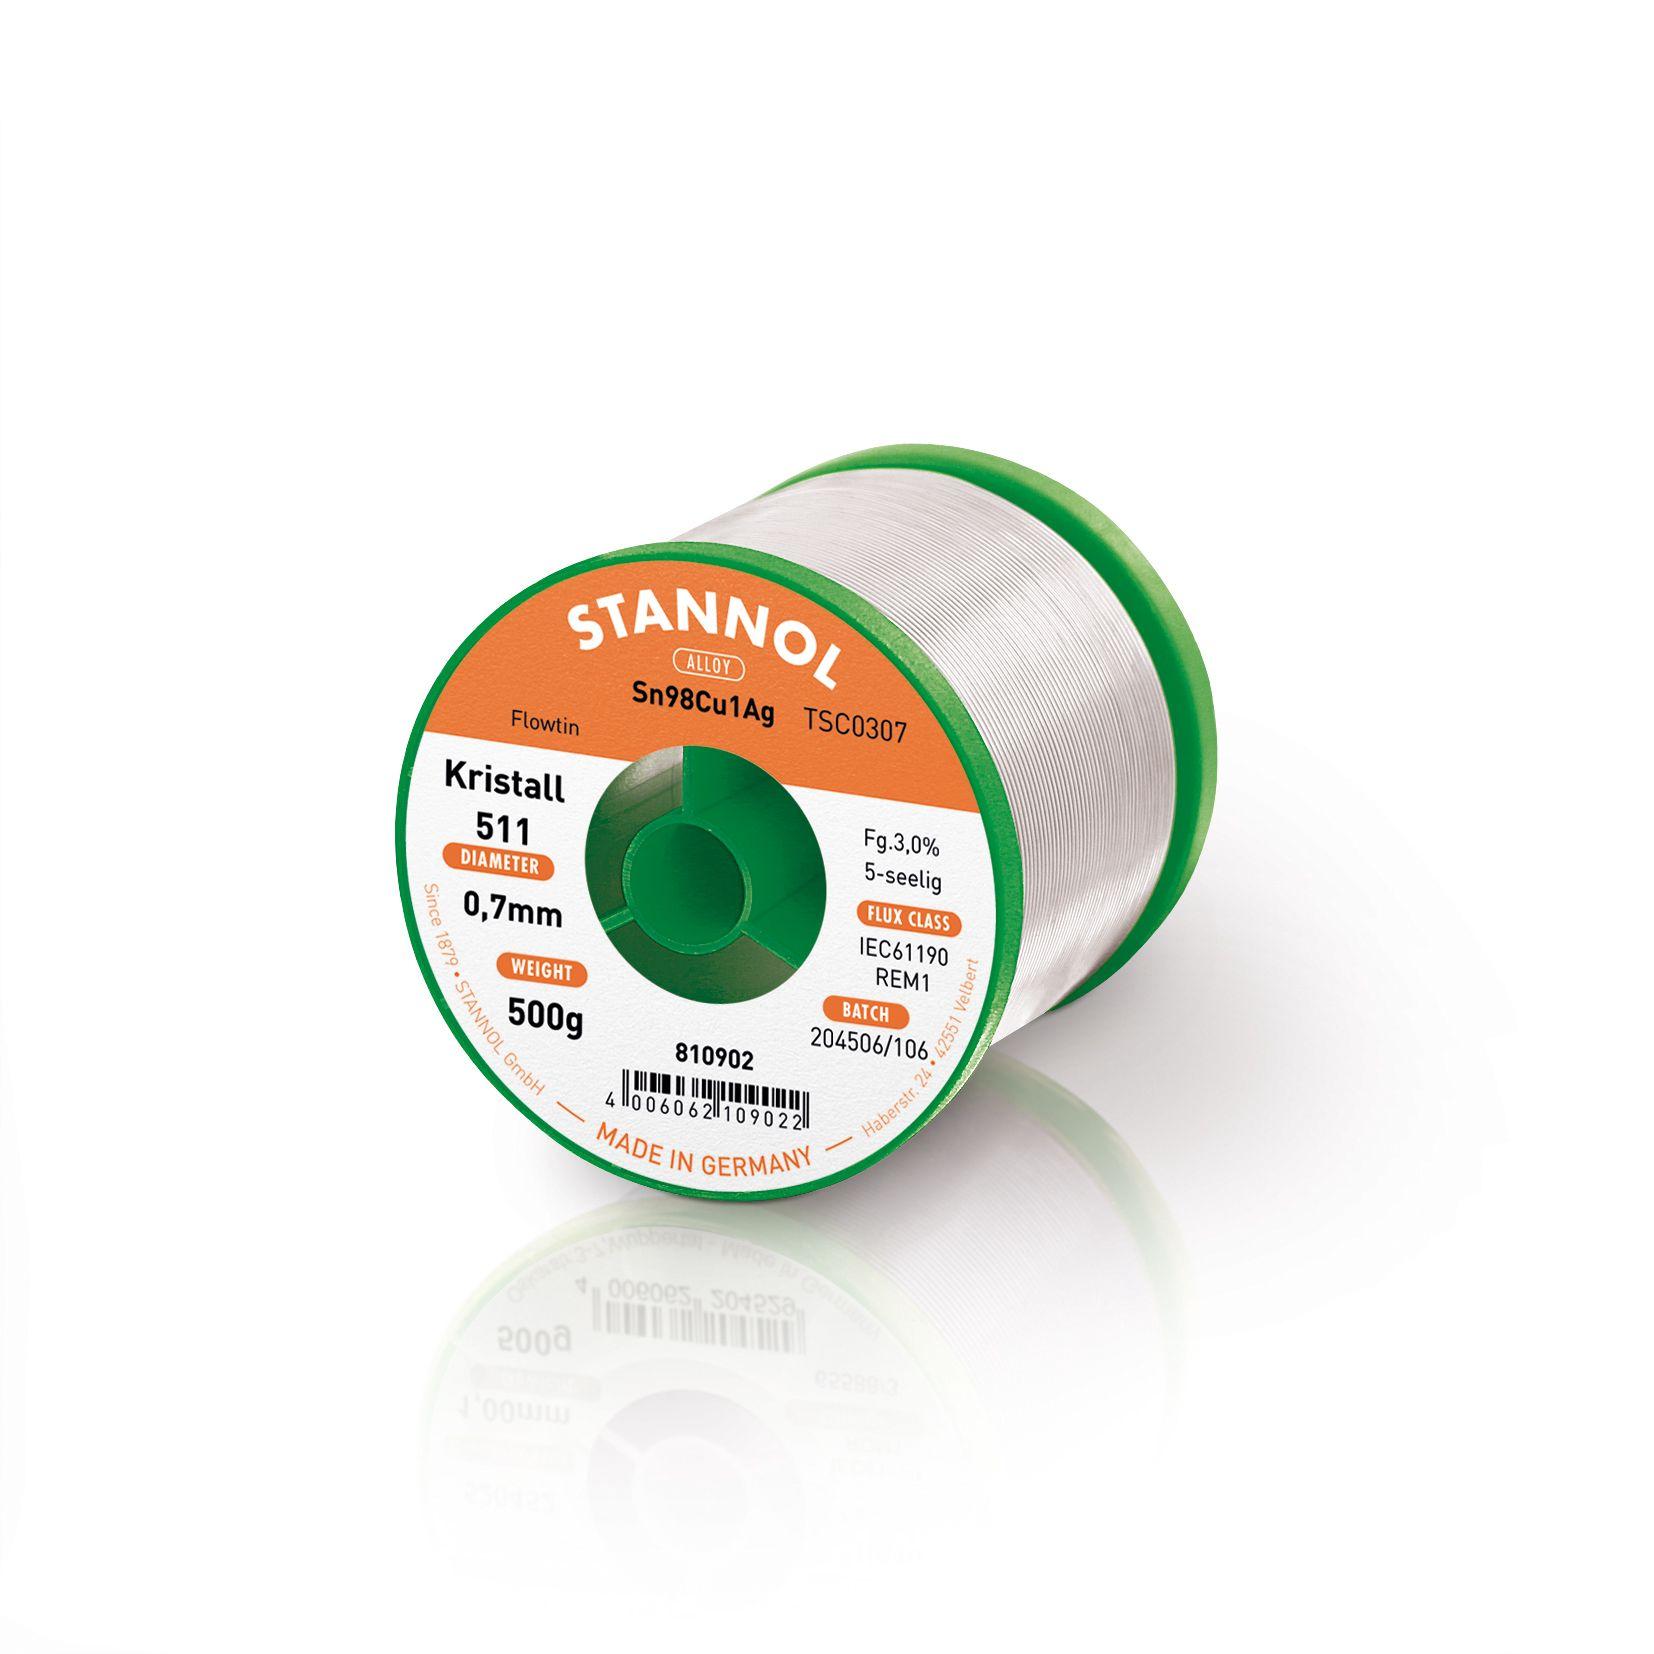 Solder wires Sn99Ag0.3Cu0.7 0.7mm 500g with flux Stannol